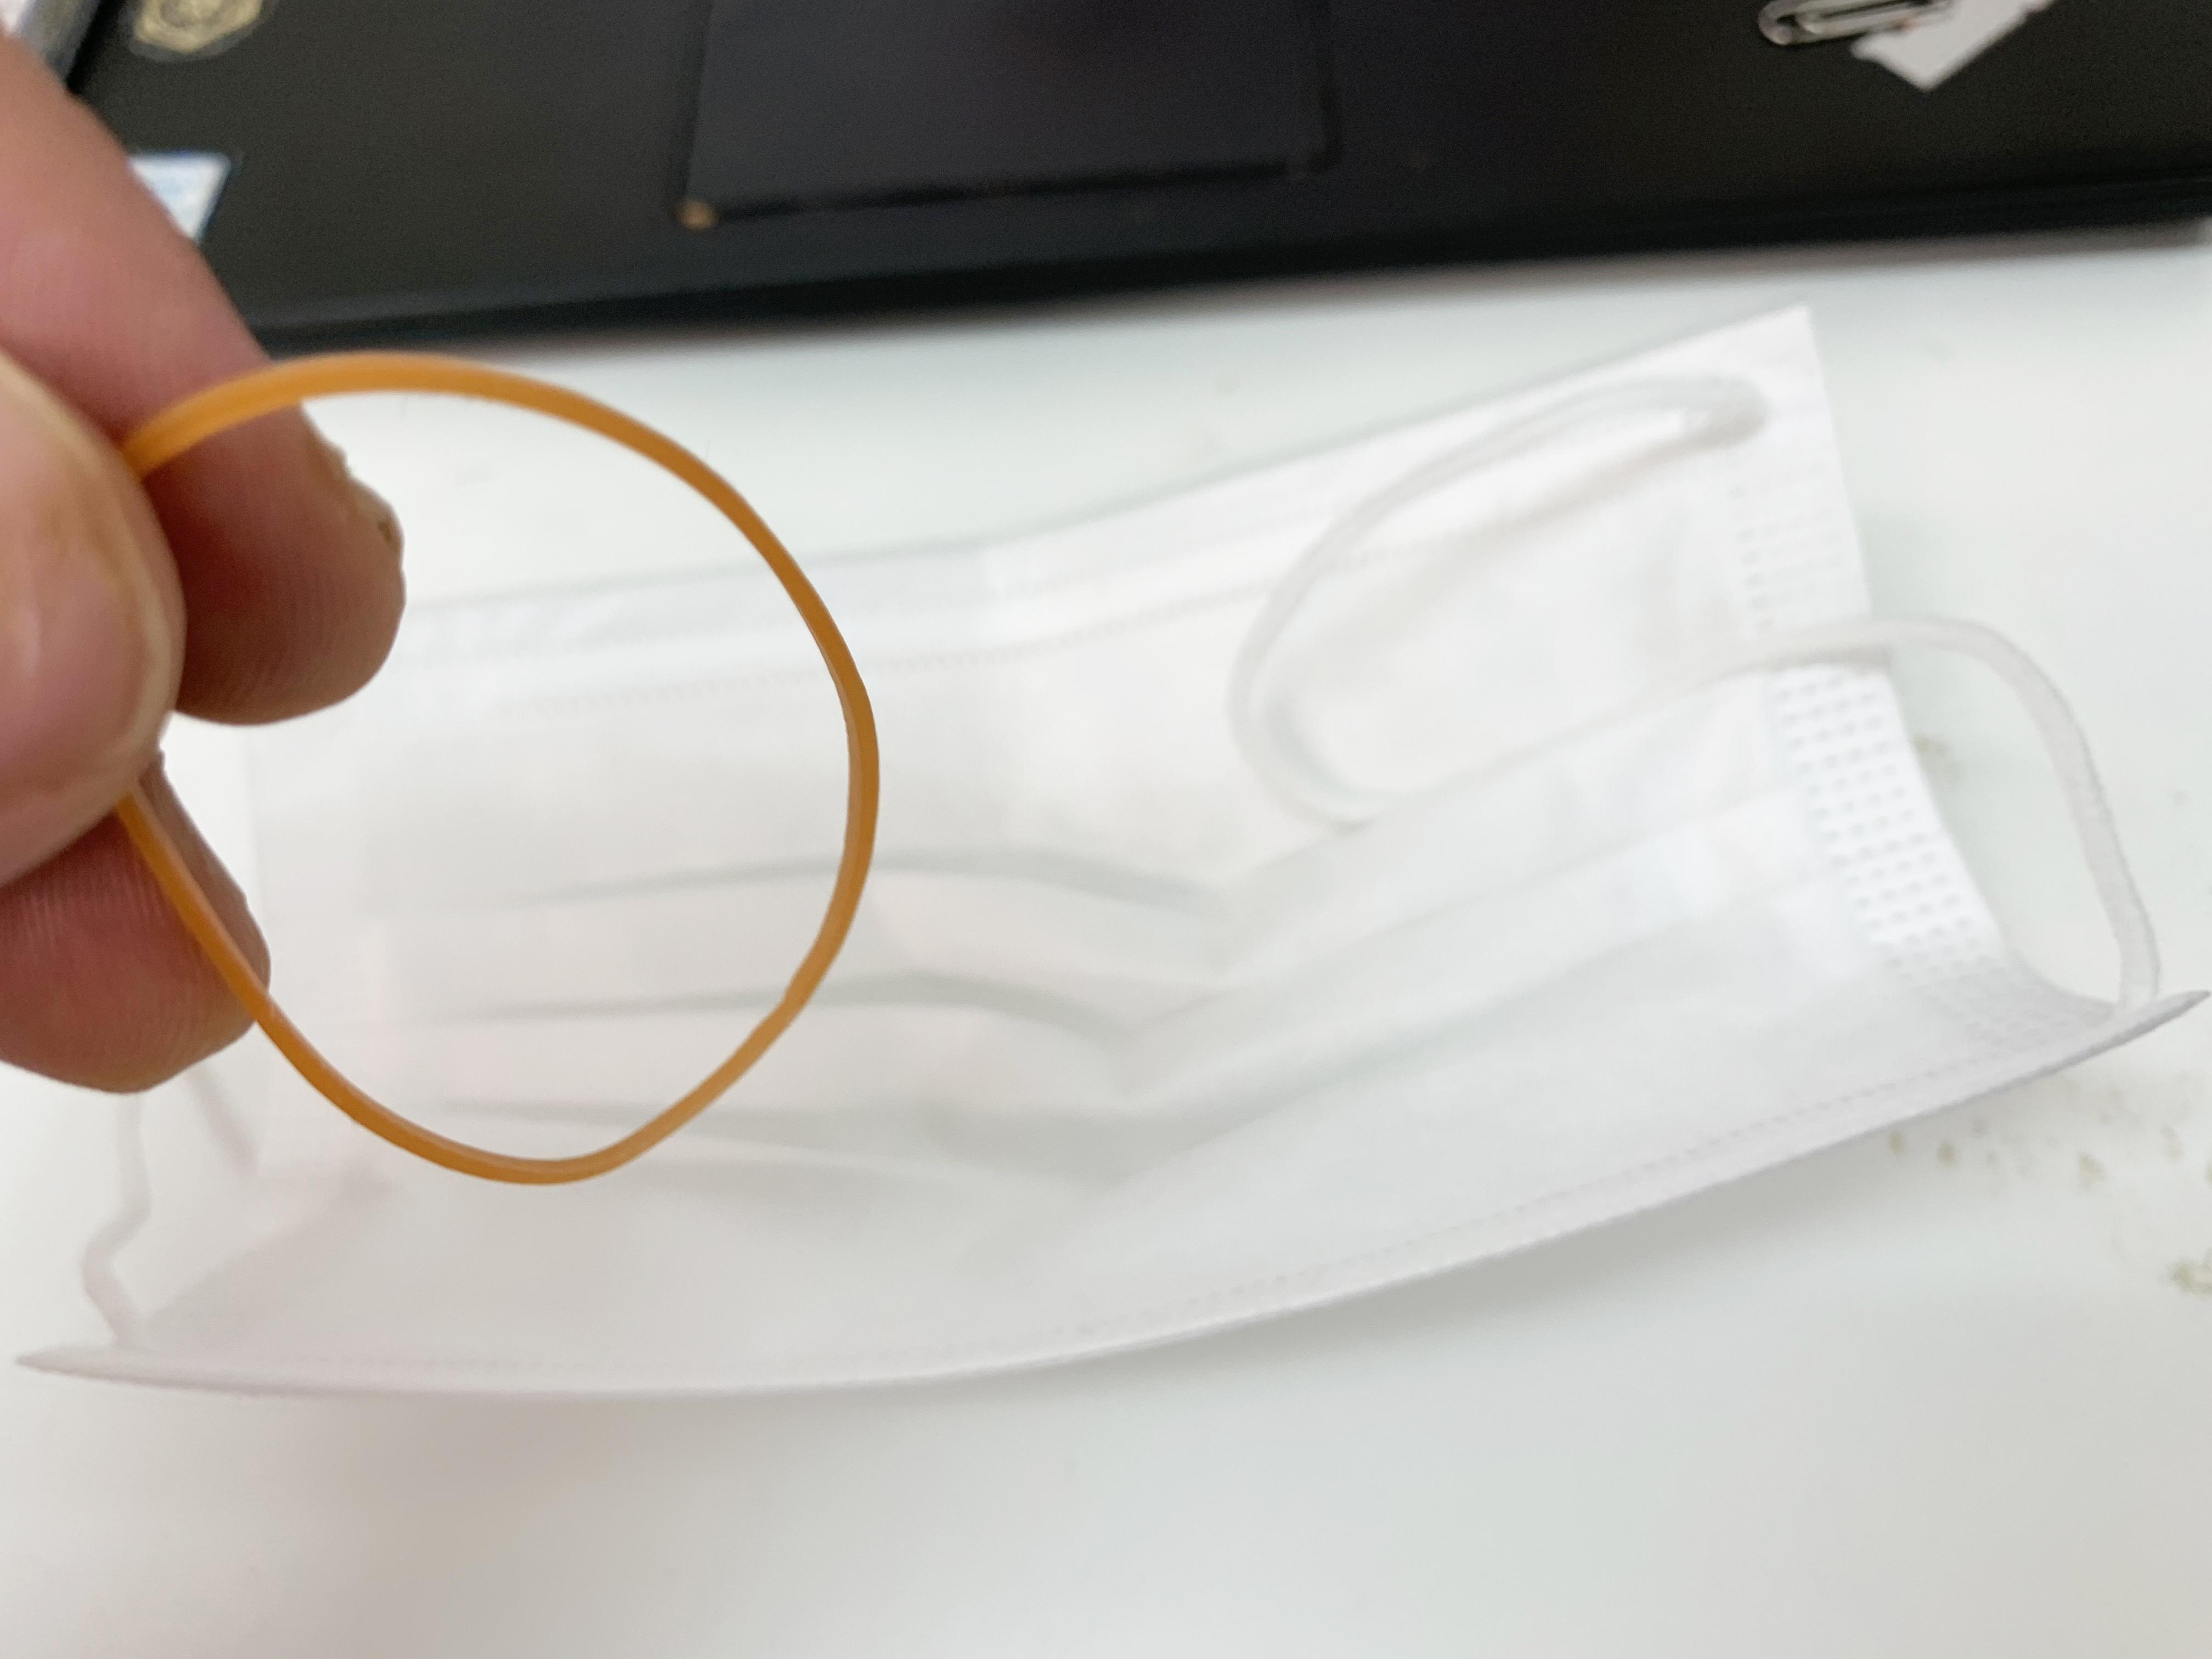 ひも ない マスク 痛く マスクのゴムが痛くない対策・マスクフック代用クリップなどで痛いを解決